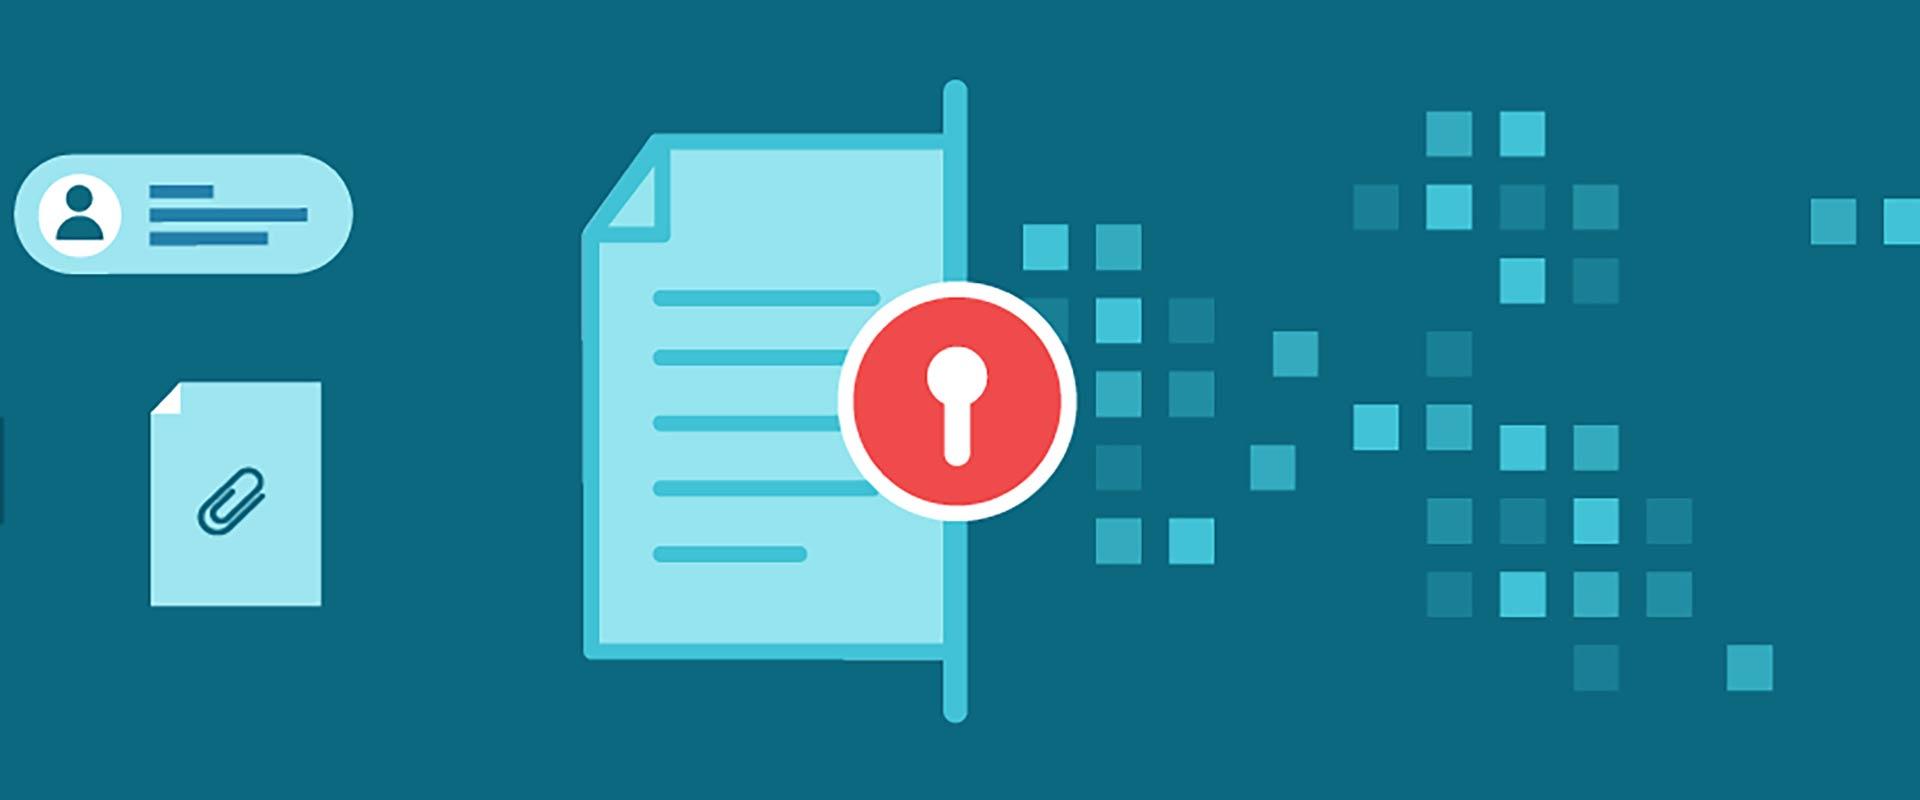 Zorgen voor een beveiligde digitale werkplek – stap 3: uw data beschermen